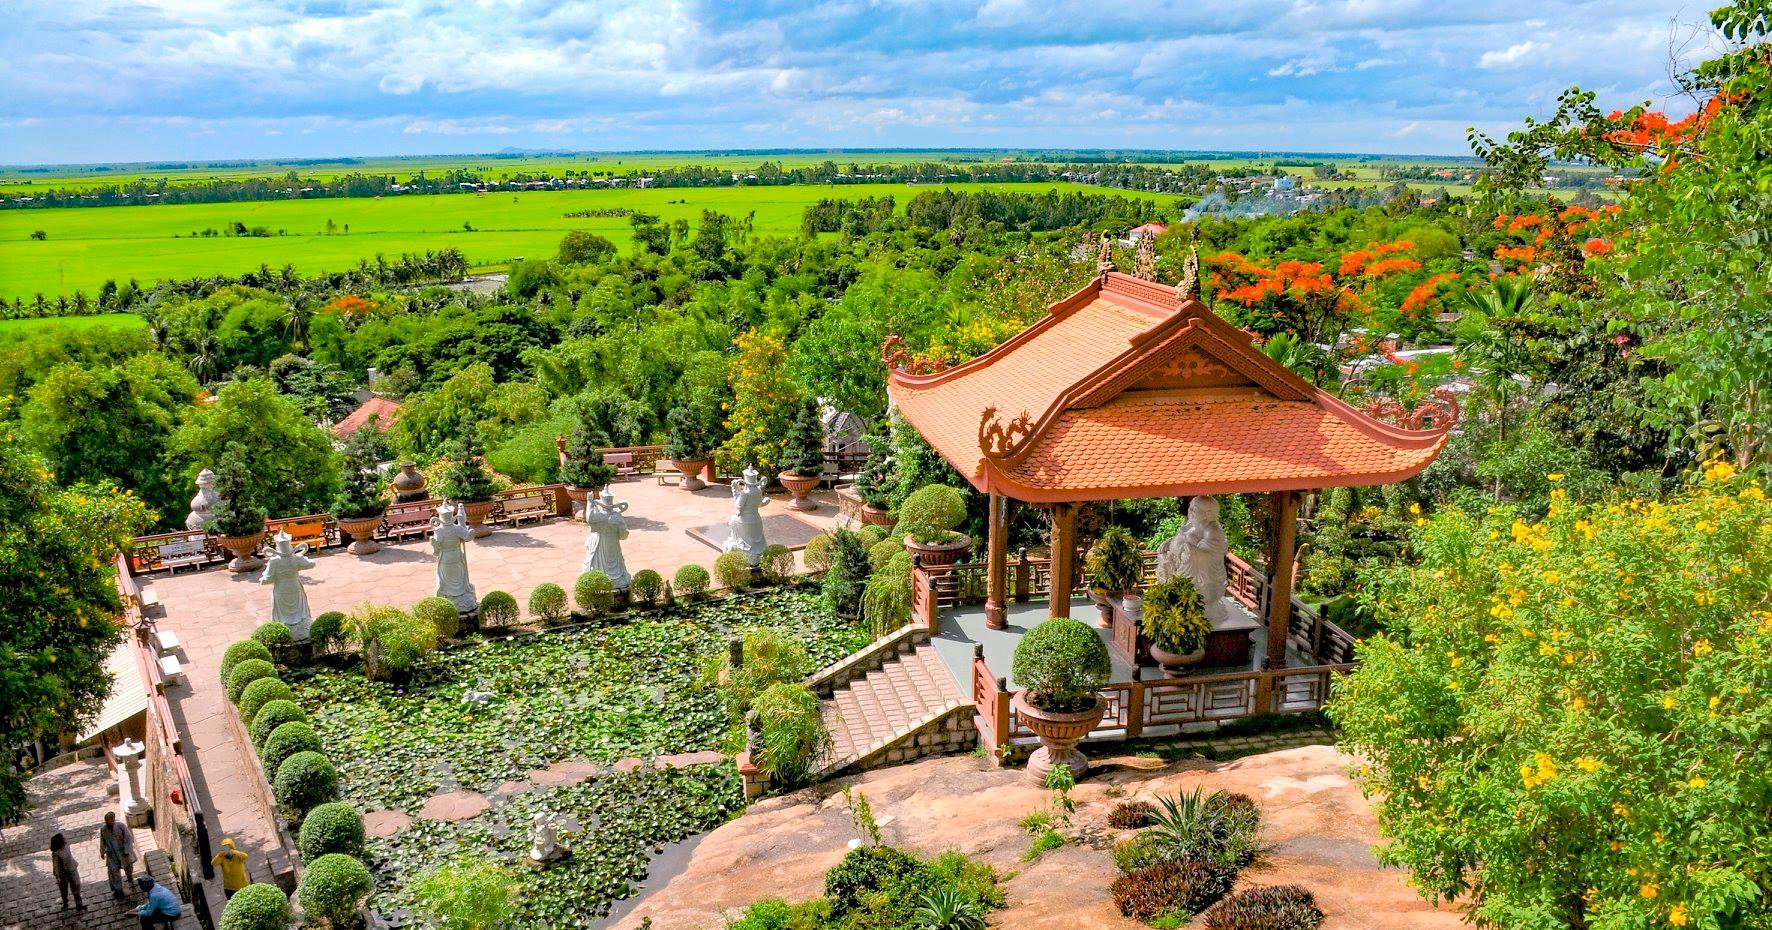 Mạng bán TOUR DU LỊCH trực tuyến hàng đầu tại Việt Nam   HavaTravel